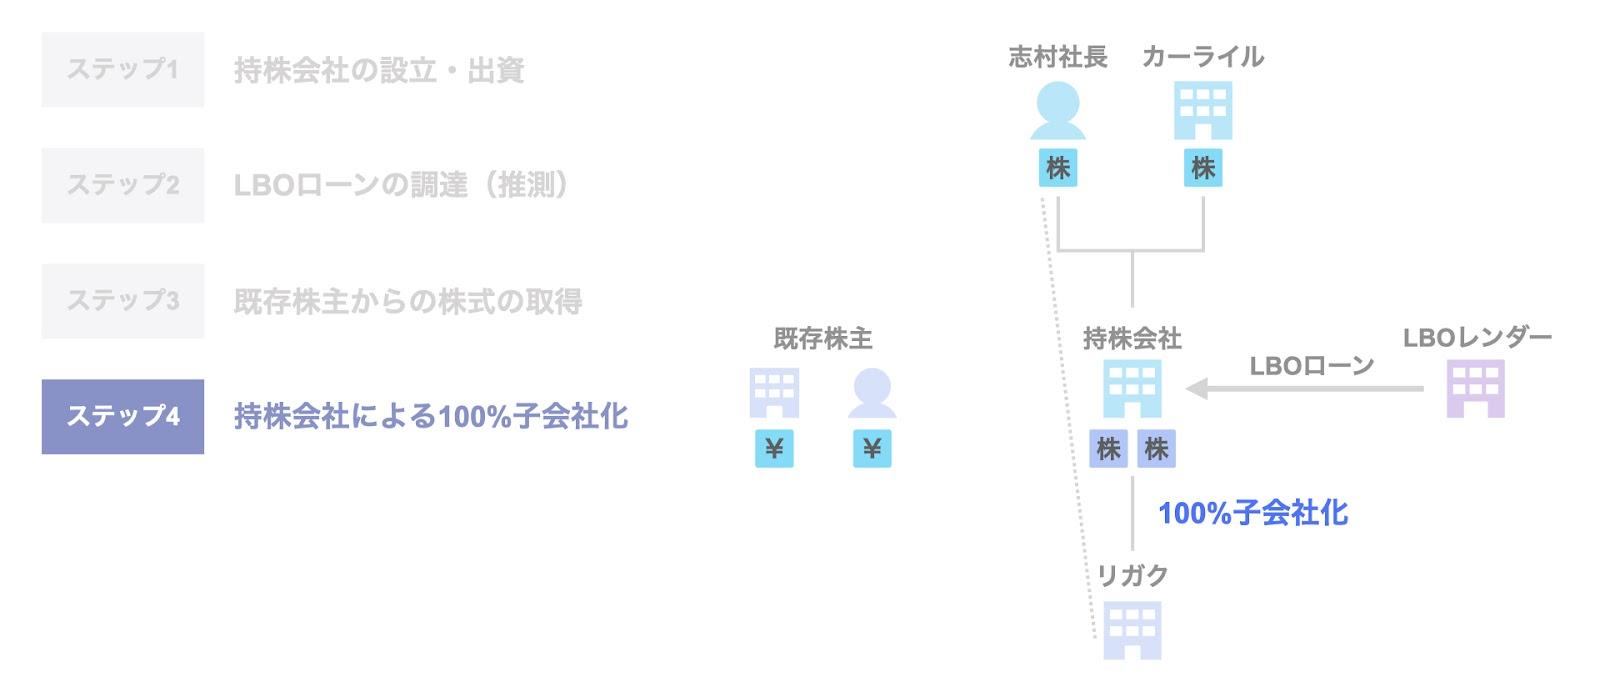 投資事例:カーライルによるリガクへの投資のスキームステップ4